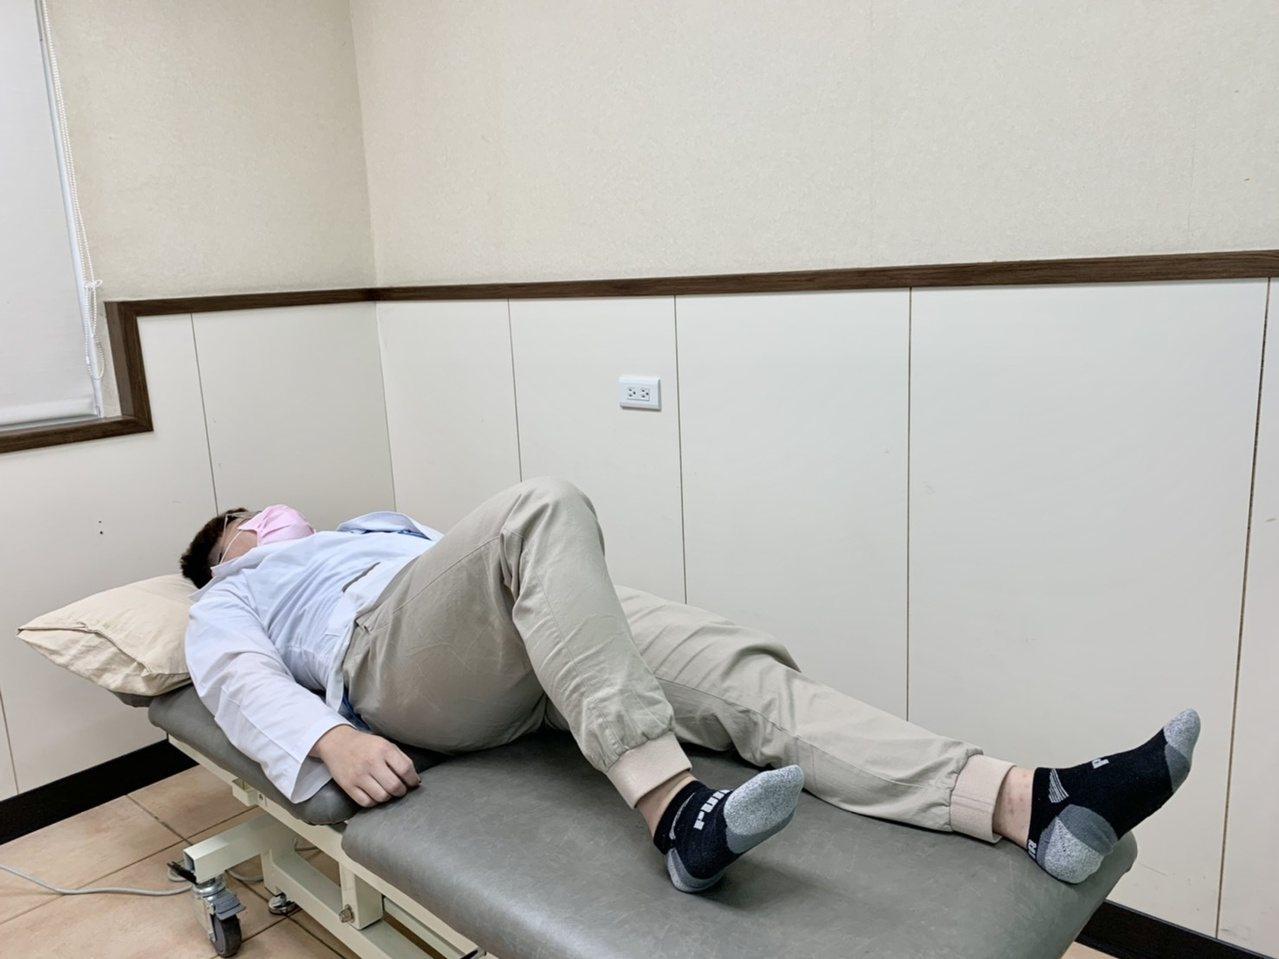 第三招「下肢滑行」運動,患肢的腳跟往後滑行,角度維持在膝蓋不疼痛的範圍,做15至...